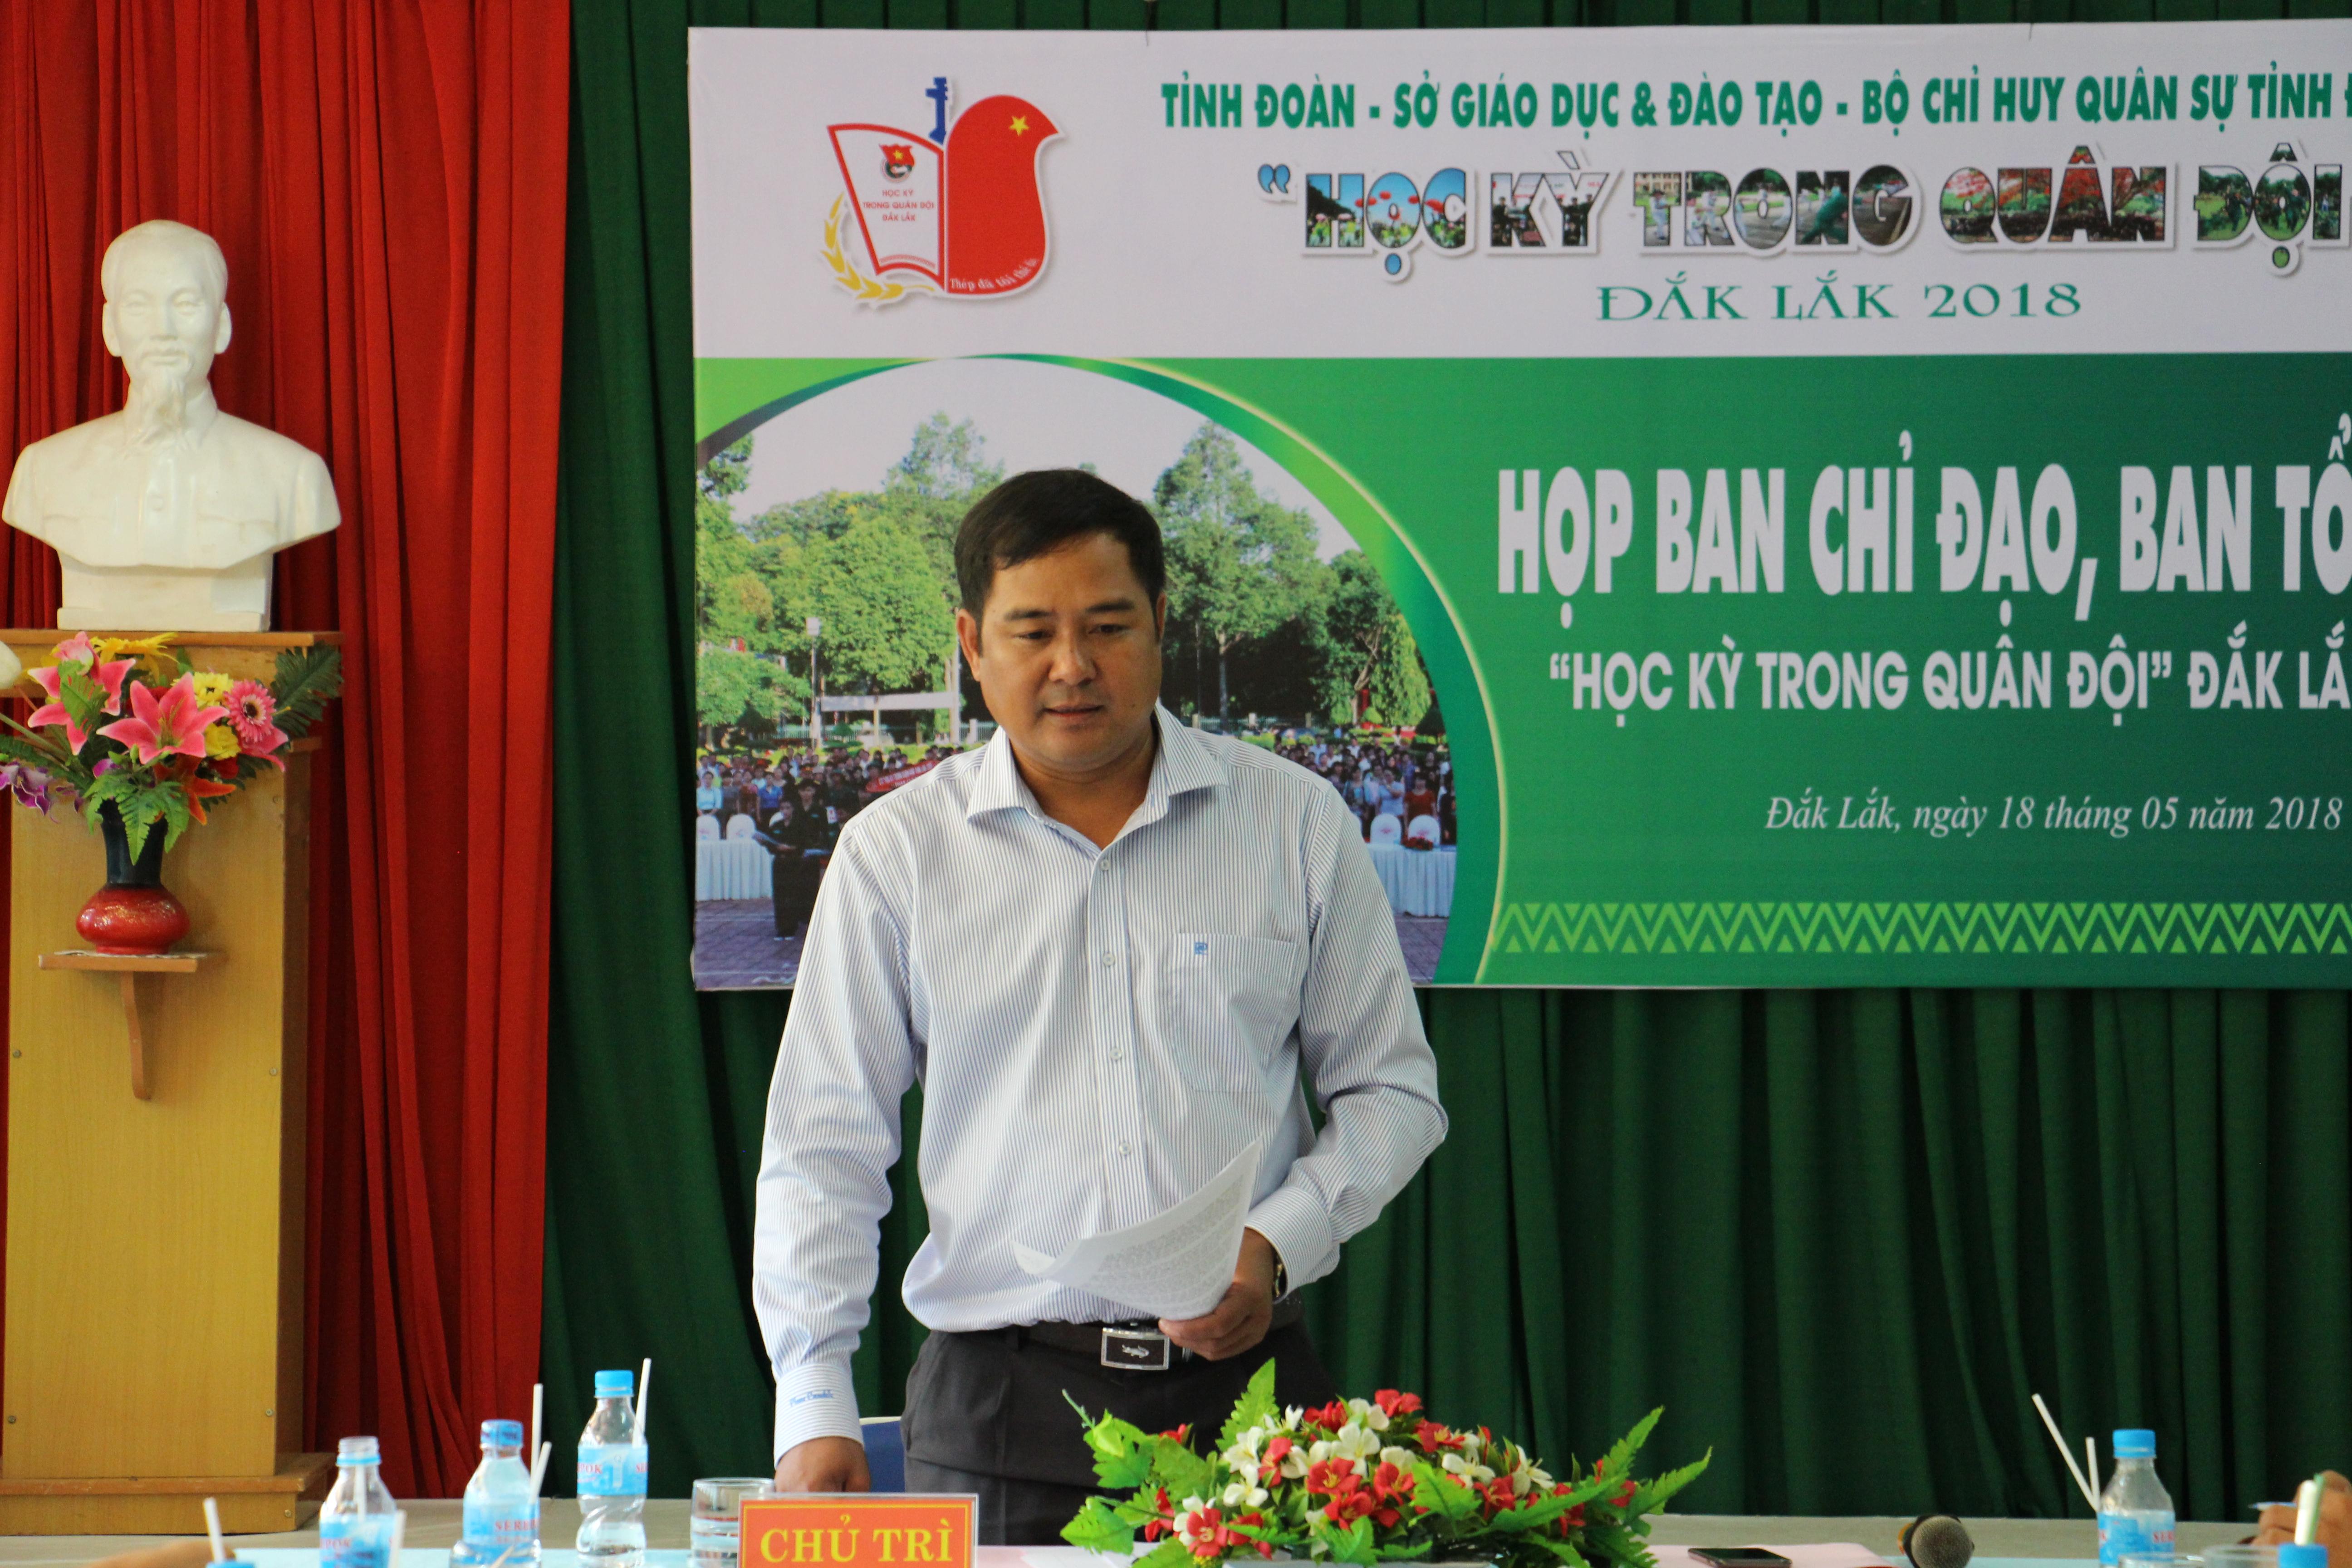 """Họp Ban chỉ đạo - Ban tổ chức Chương trình """"Học kỳ trong Quân đội"""" tỉnh Đắk Lắk năm 2018"""